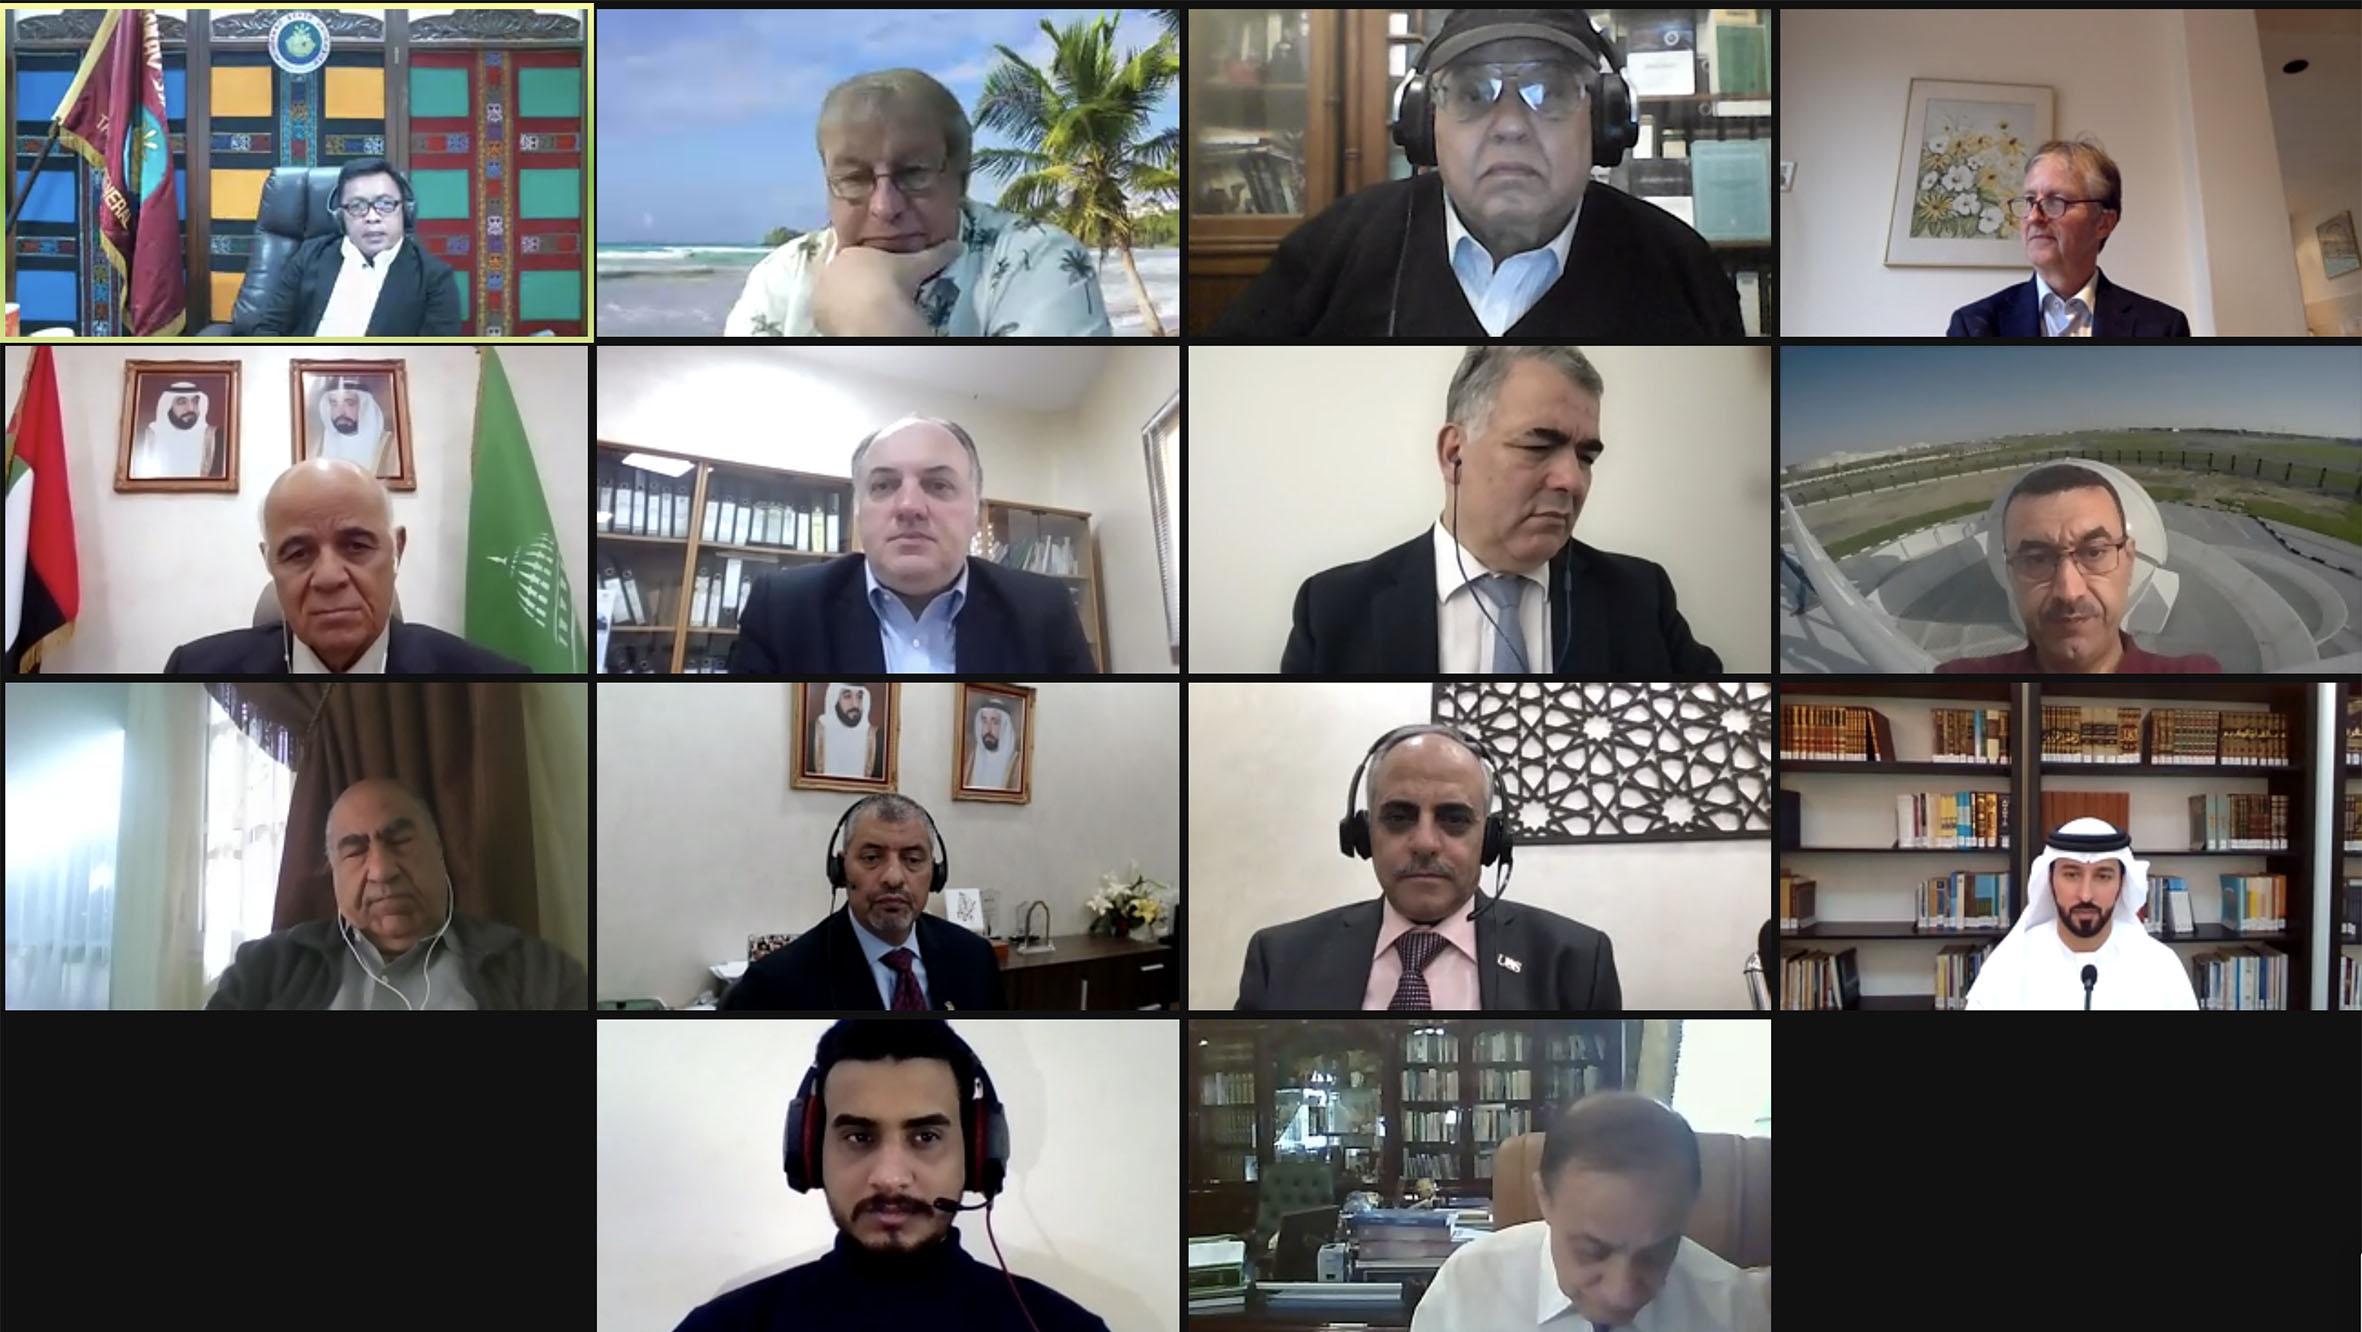 برعاية حاكم الشارقة.. انطلاق المؤتمر الدولي الرابع في تاريخ العلوم عند العرب والمسلمين